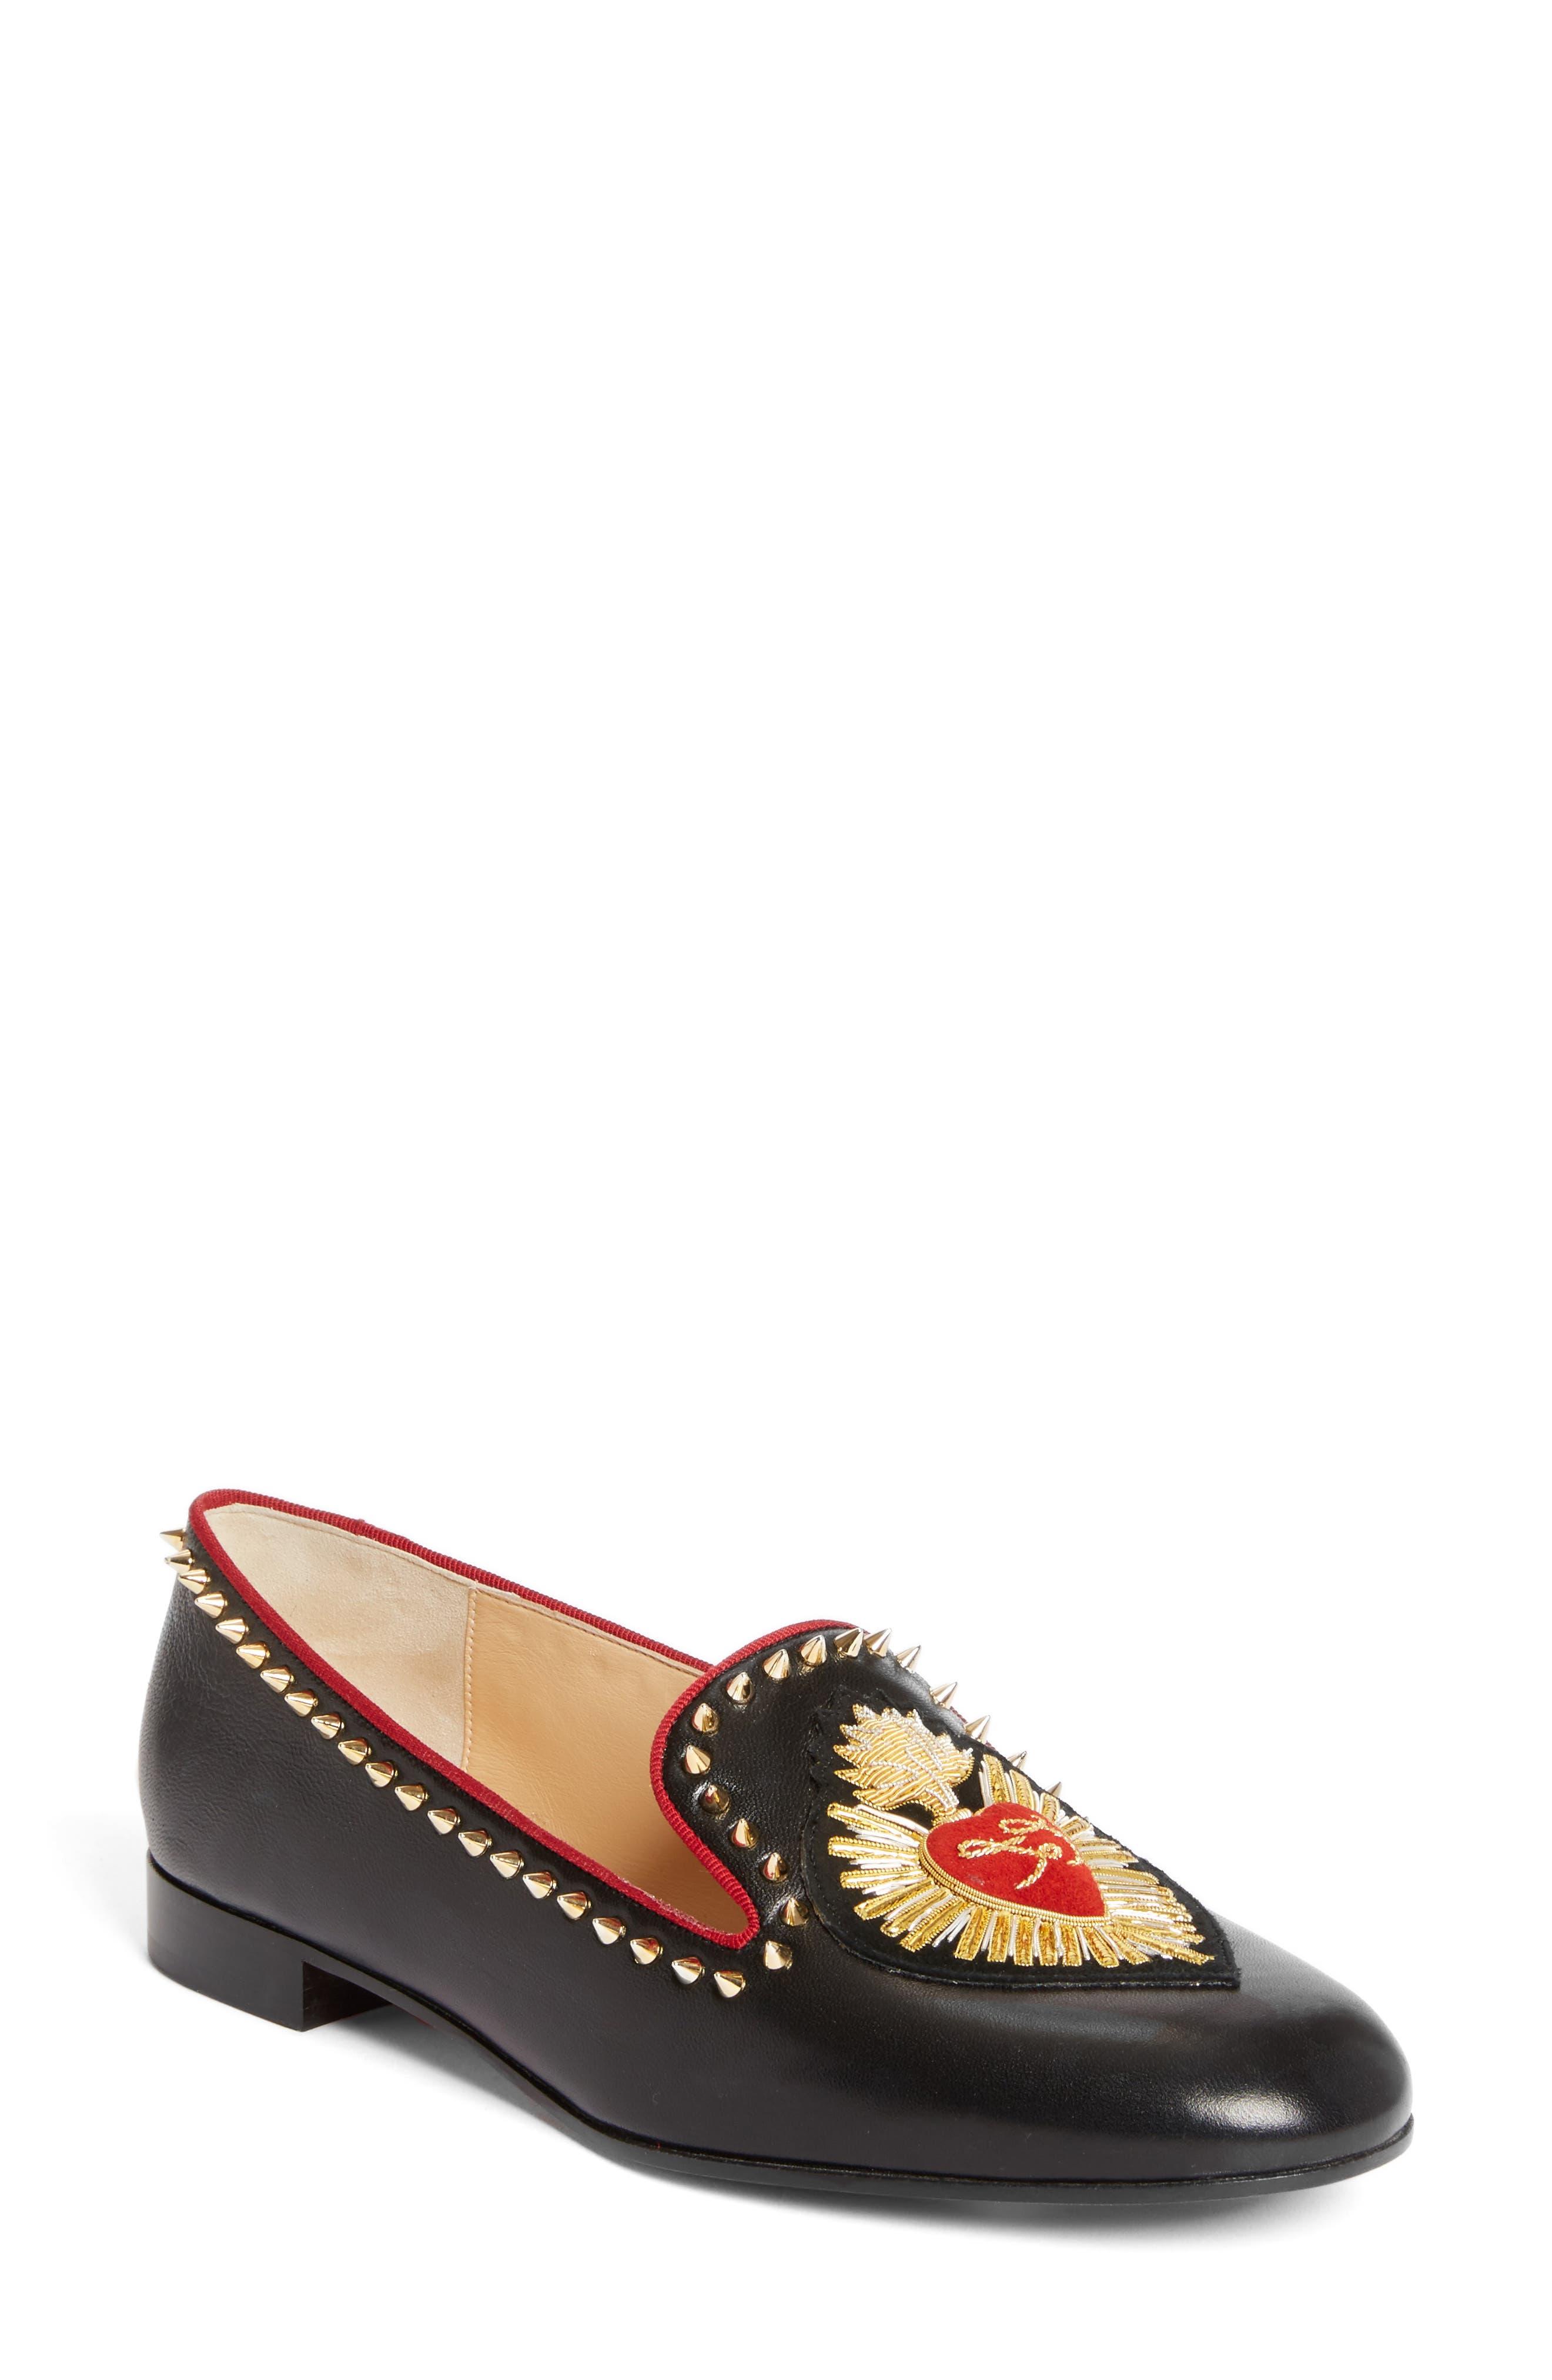 christian louboutin women s flats shoes nordstrom rh shop nordstrom com christian louboutin flats review christian louboutin flat sandals